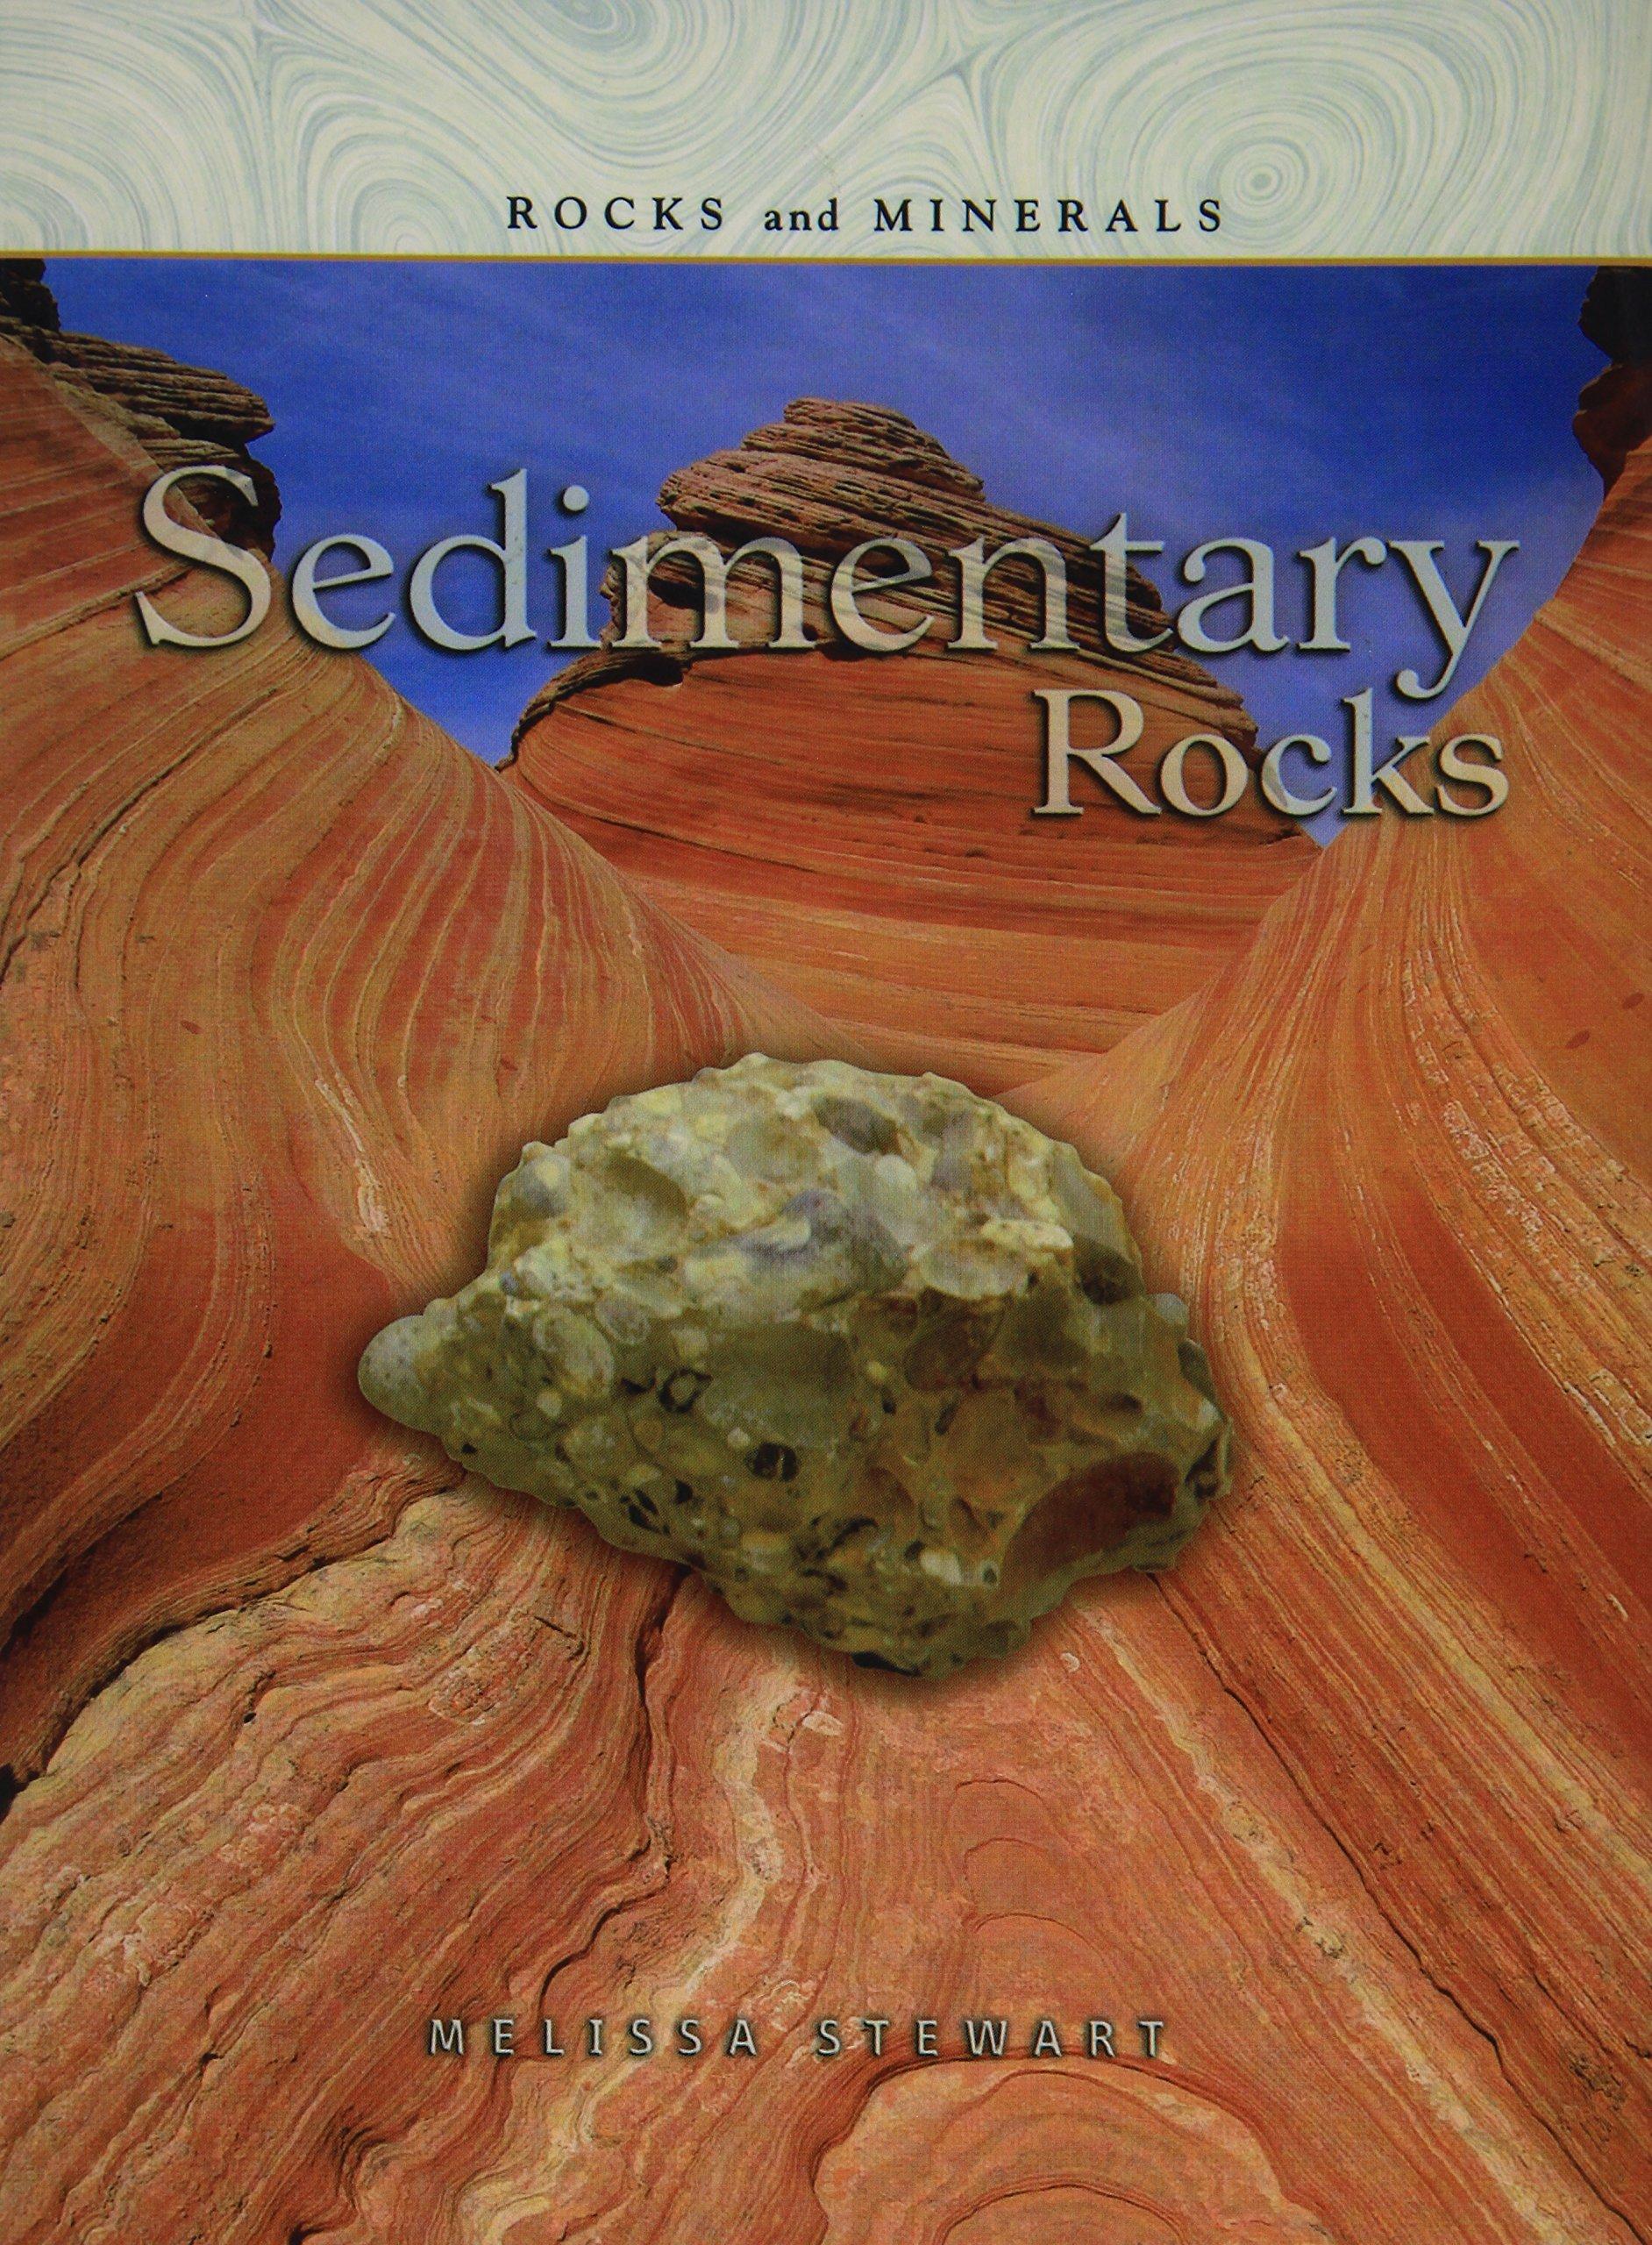 Sedimentary Rocks (Rocks and Minerals) PDF